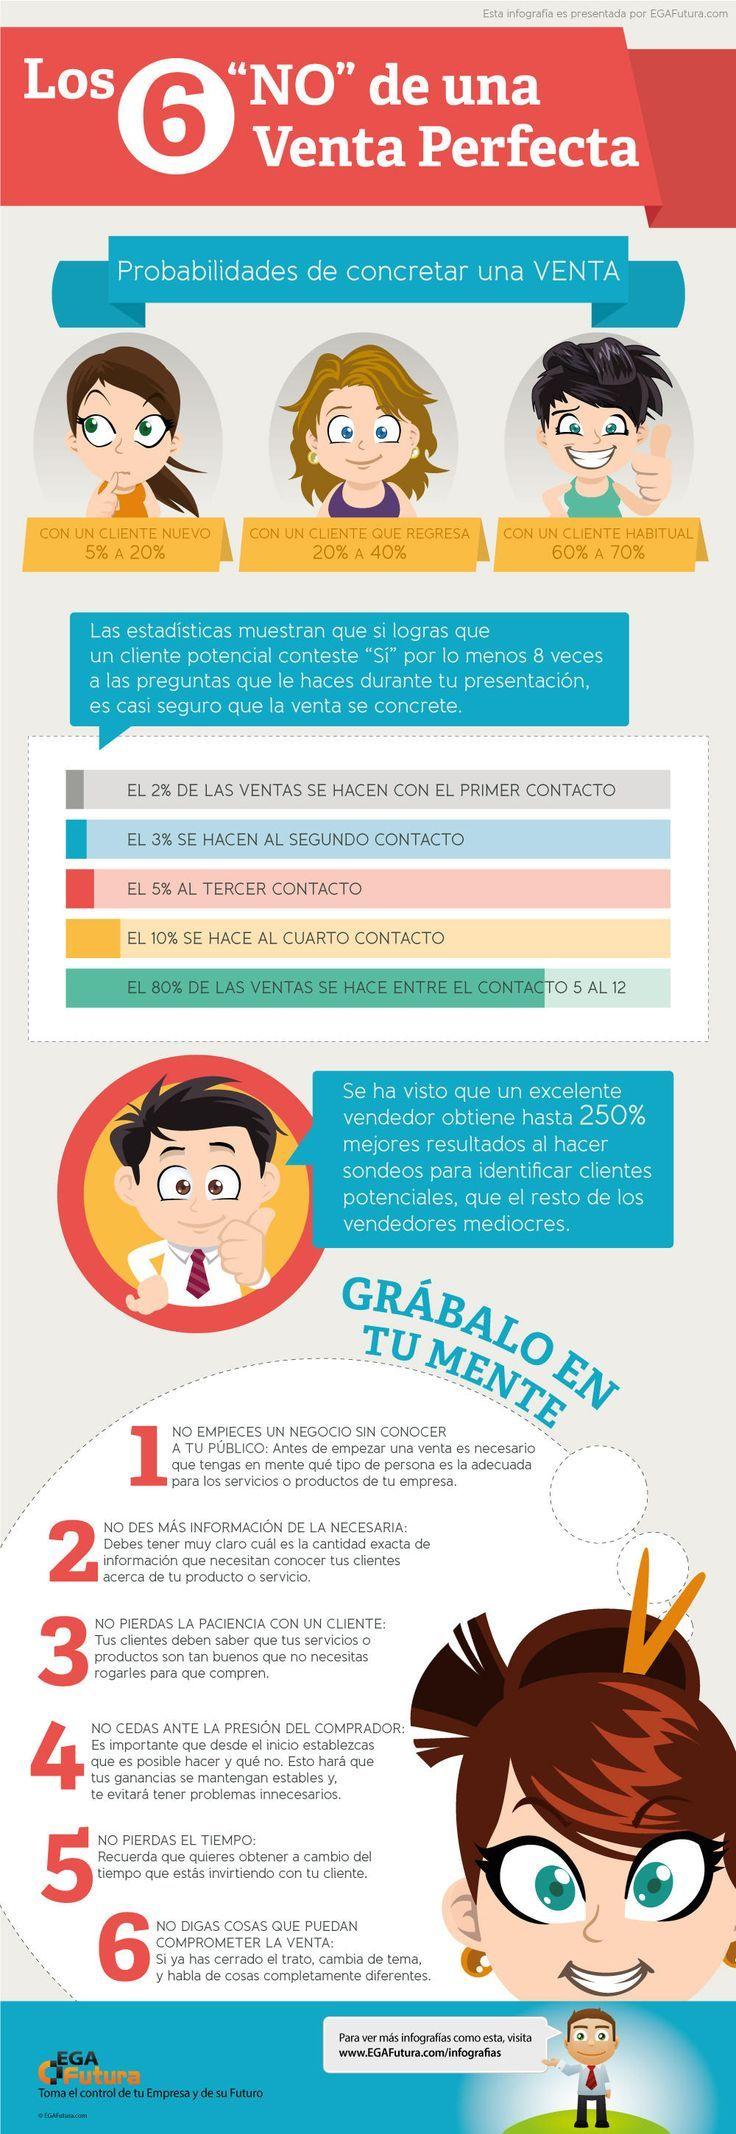 Los 6 NO de una venta perfecta - Infografia